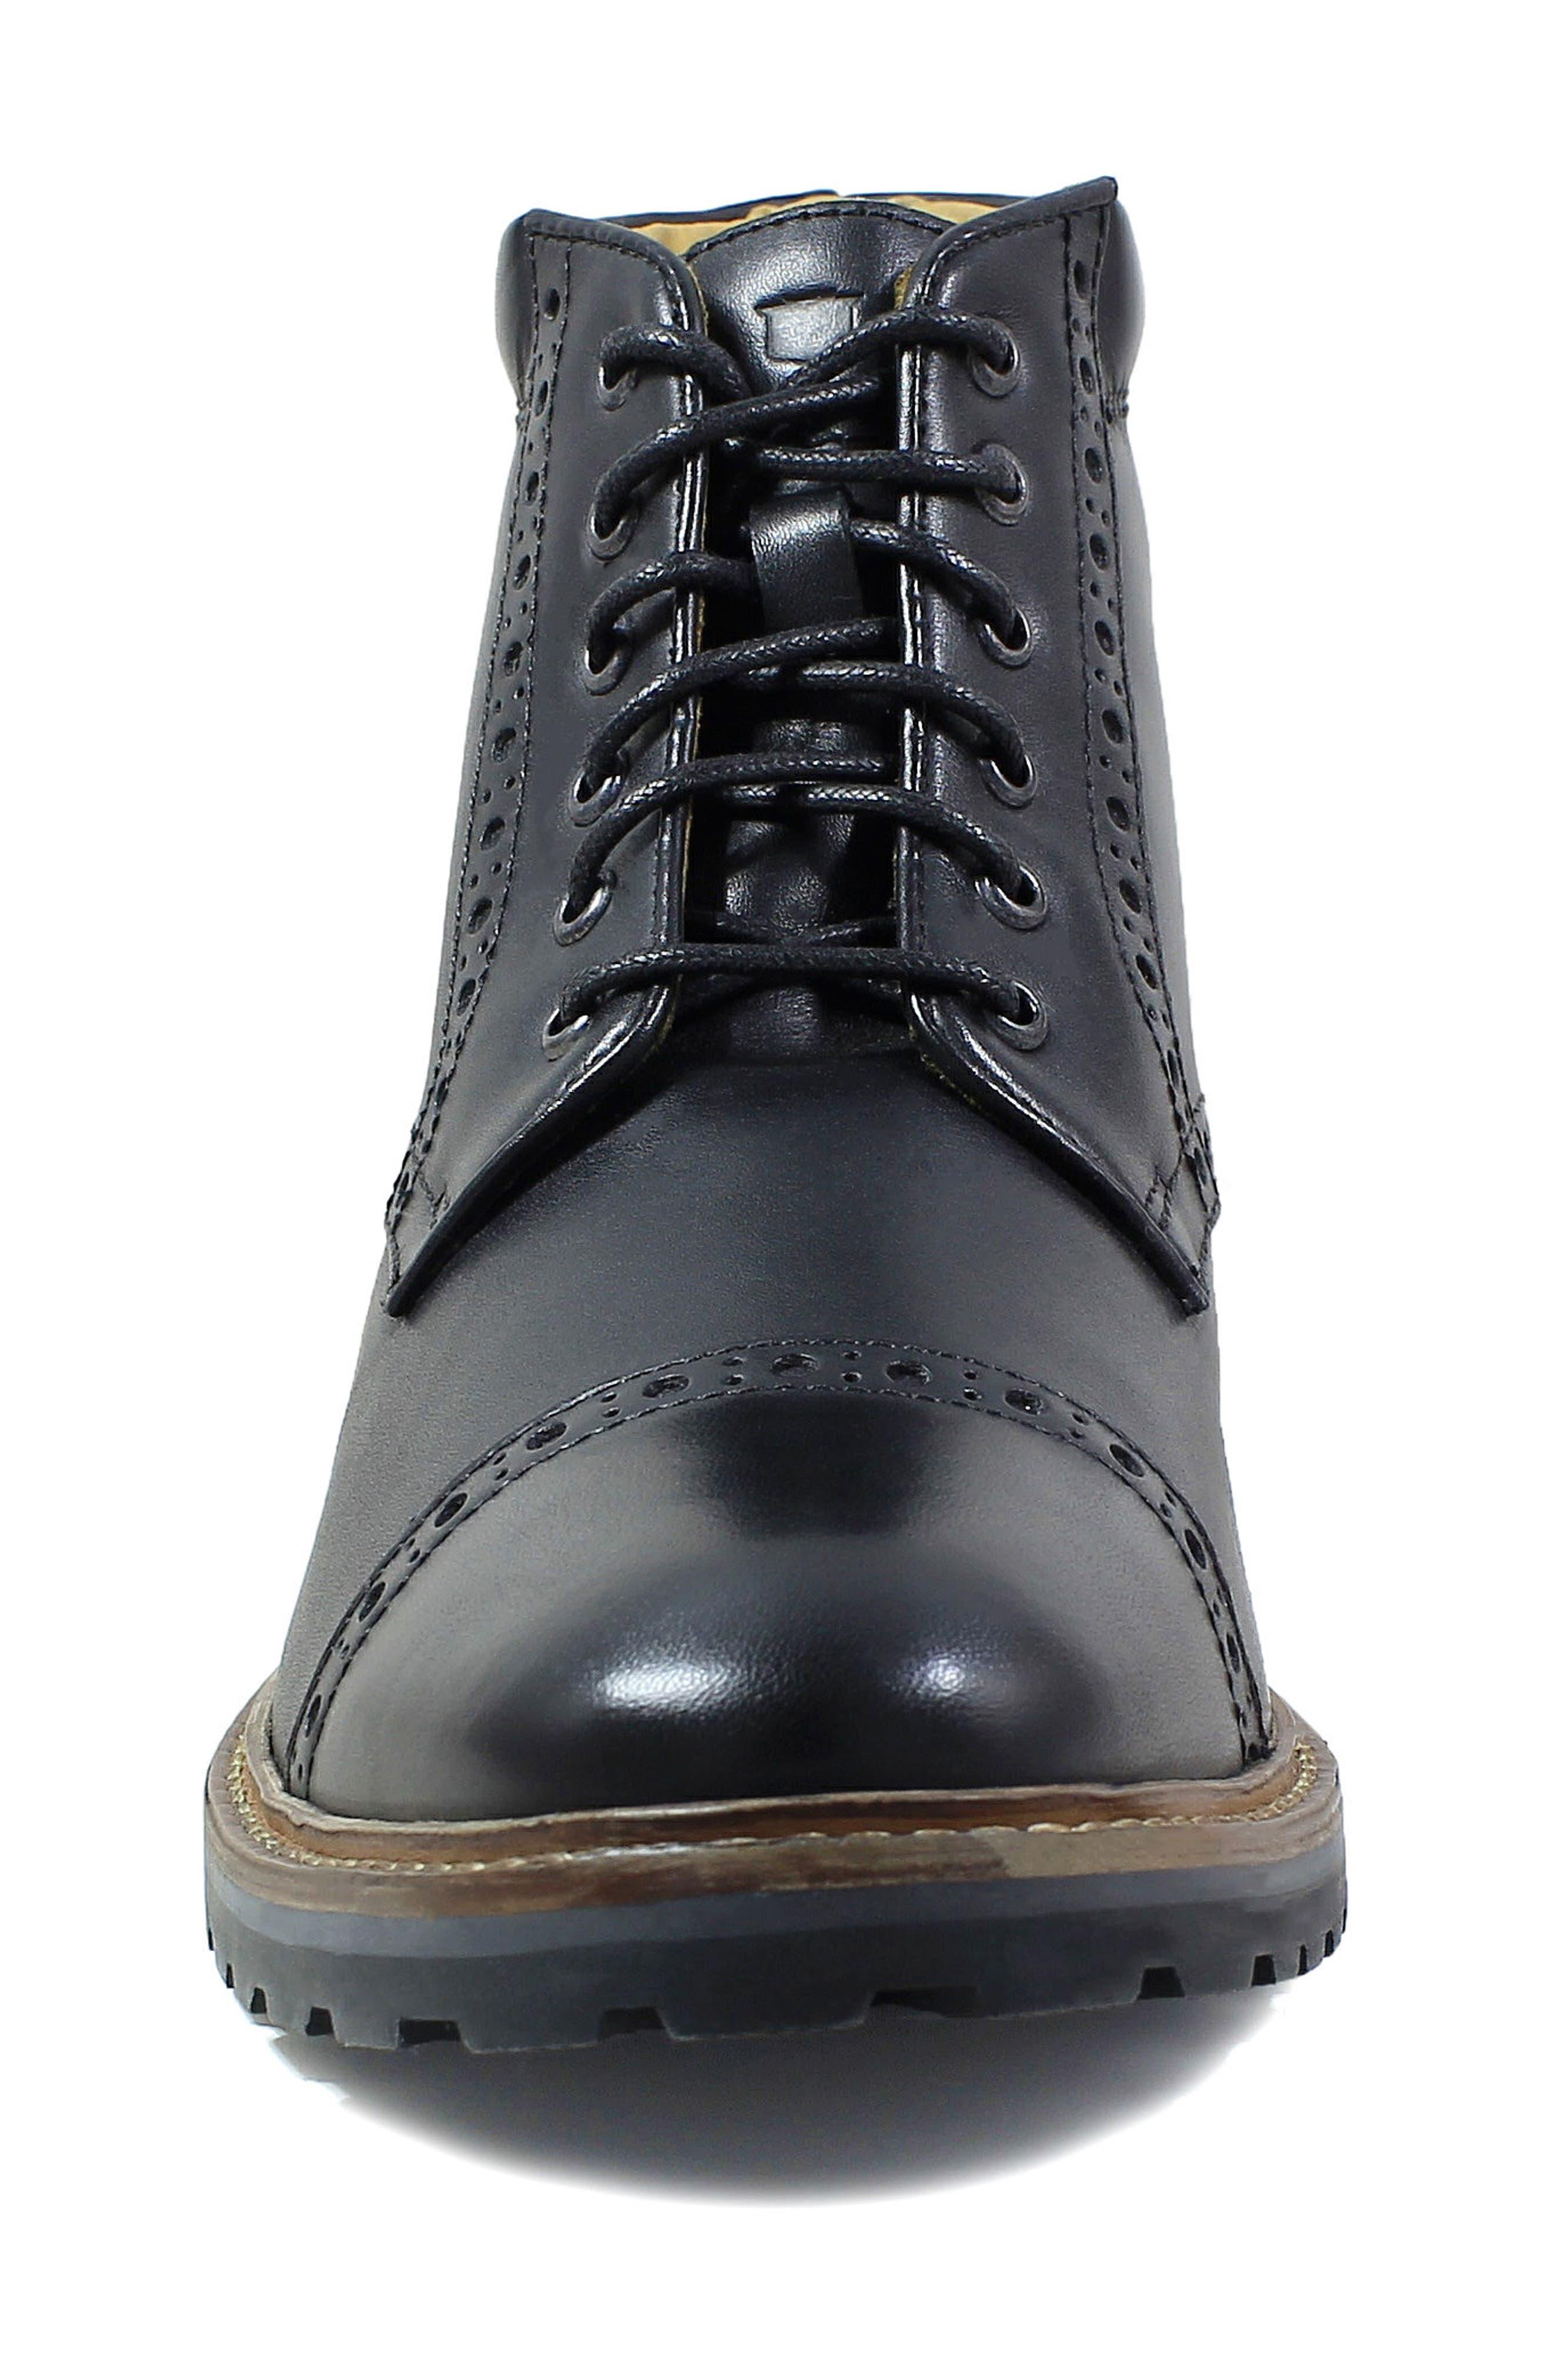 FLORSHEIM,                             Estabrook Cap Toe Boot,                             Alternate thumbnail 4, color,                             BLACK LEATHER